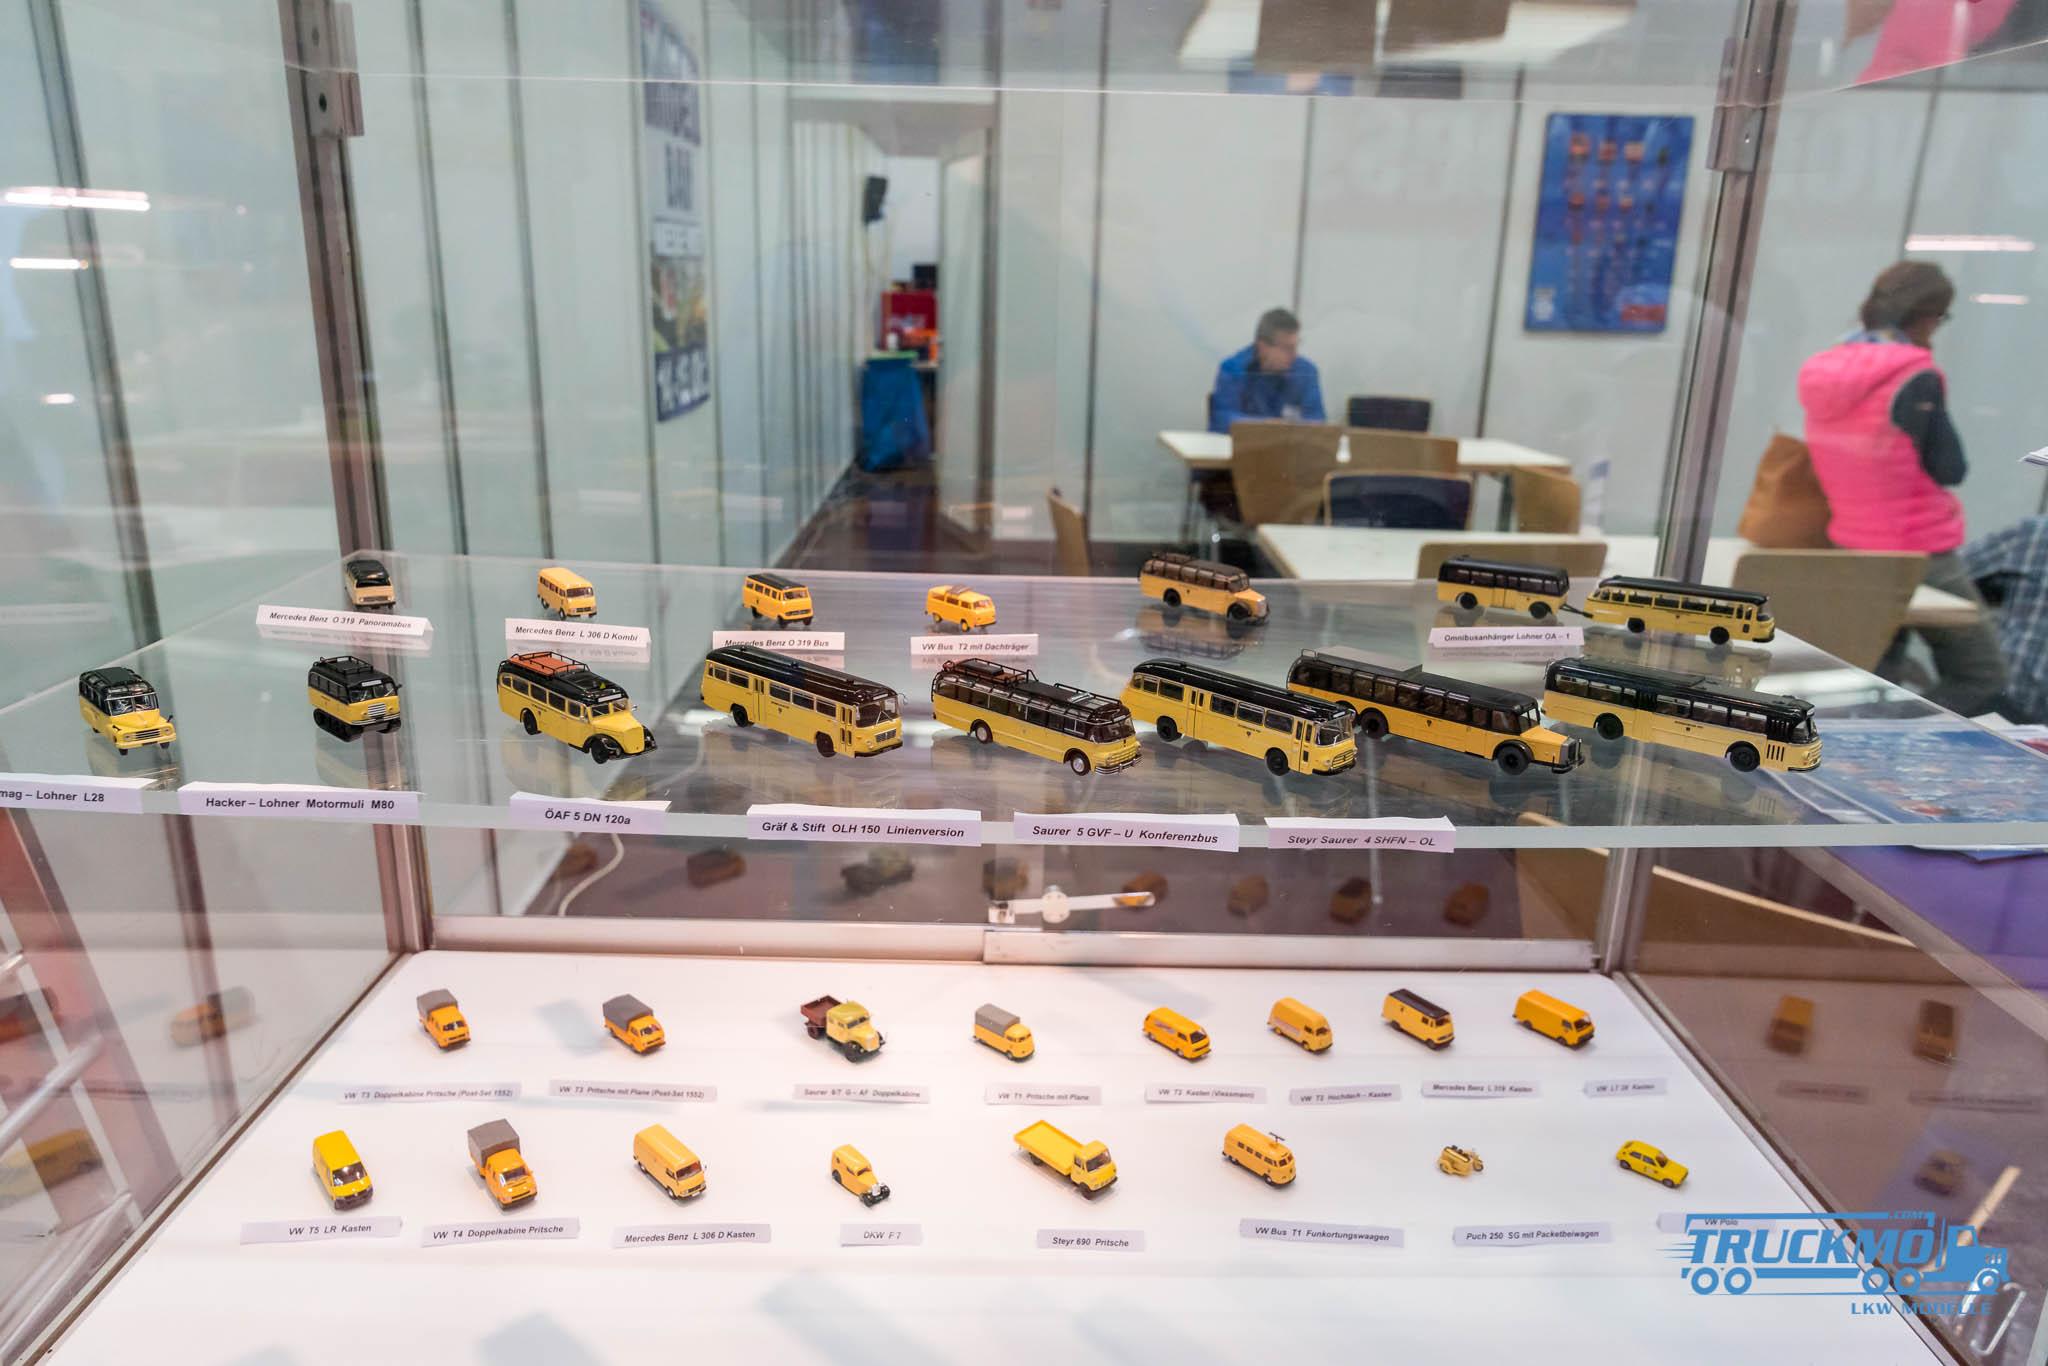 Truckmo_Modellbau_Ried_2017_Herpa_Messe_Modellbauausstellung (25 von 1177)